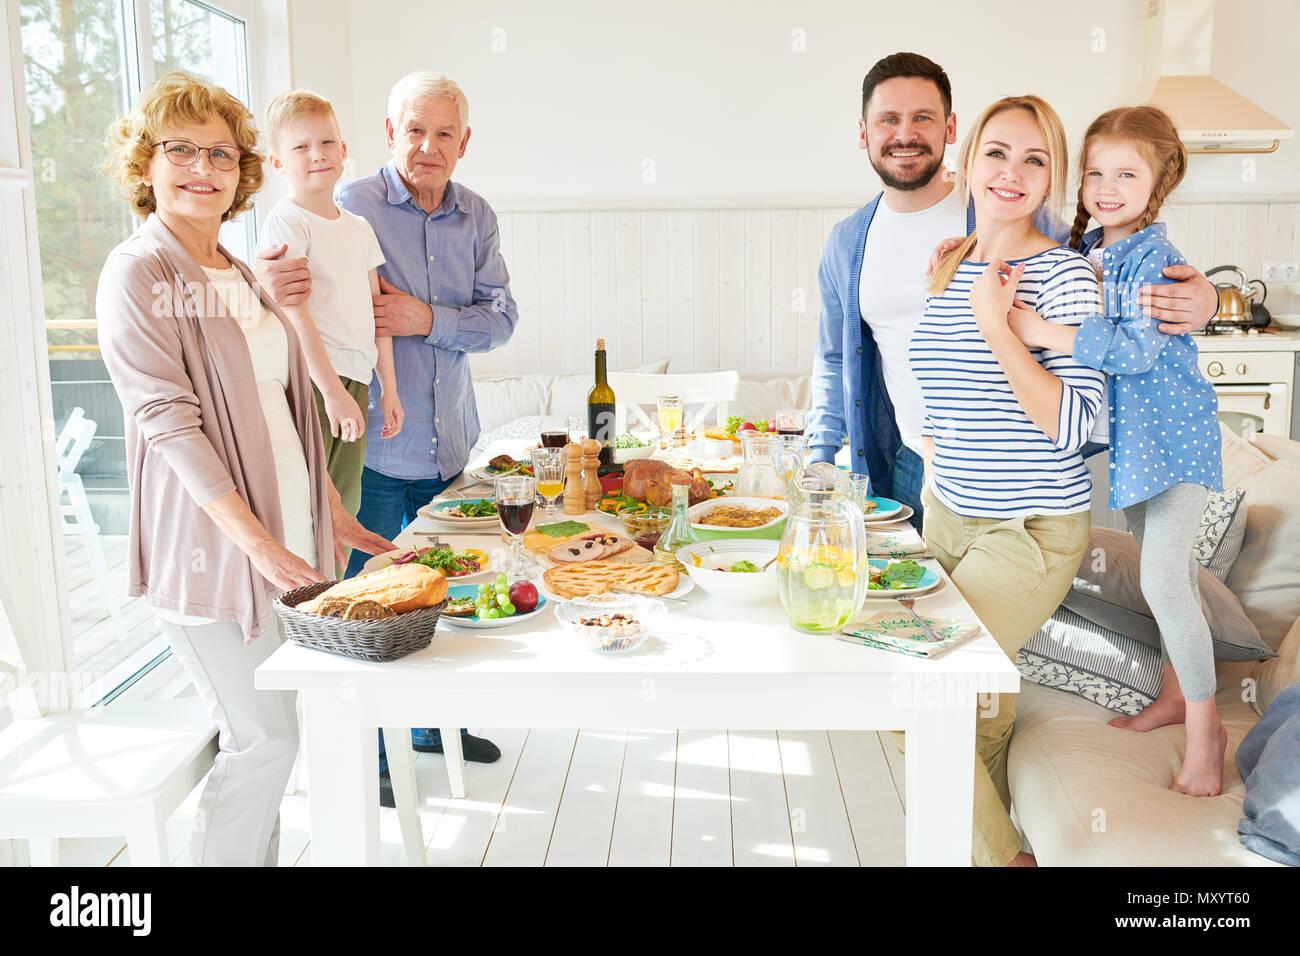 Portrait von glückliche zwei Generation Familie Abendessen zusammen posieren Runde festlichen Tisch mit leckeren Gerichten und lächelnd in die Kamera in der modernen Sun Stockbild